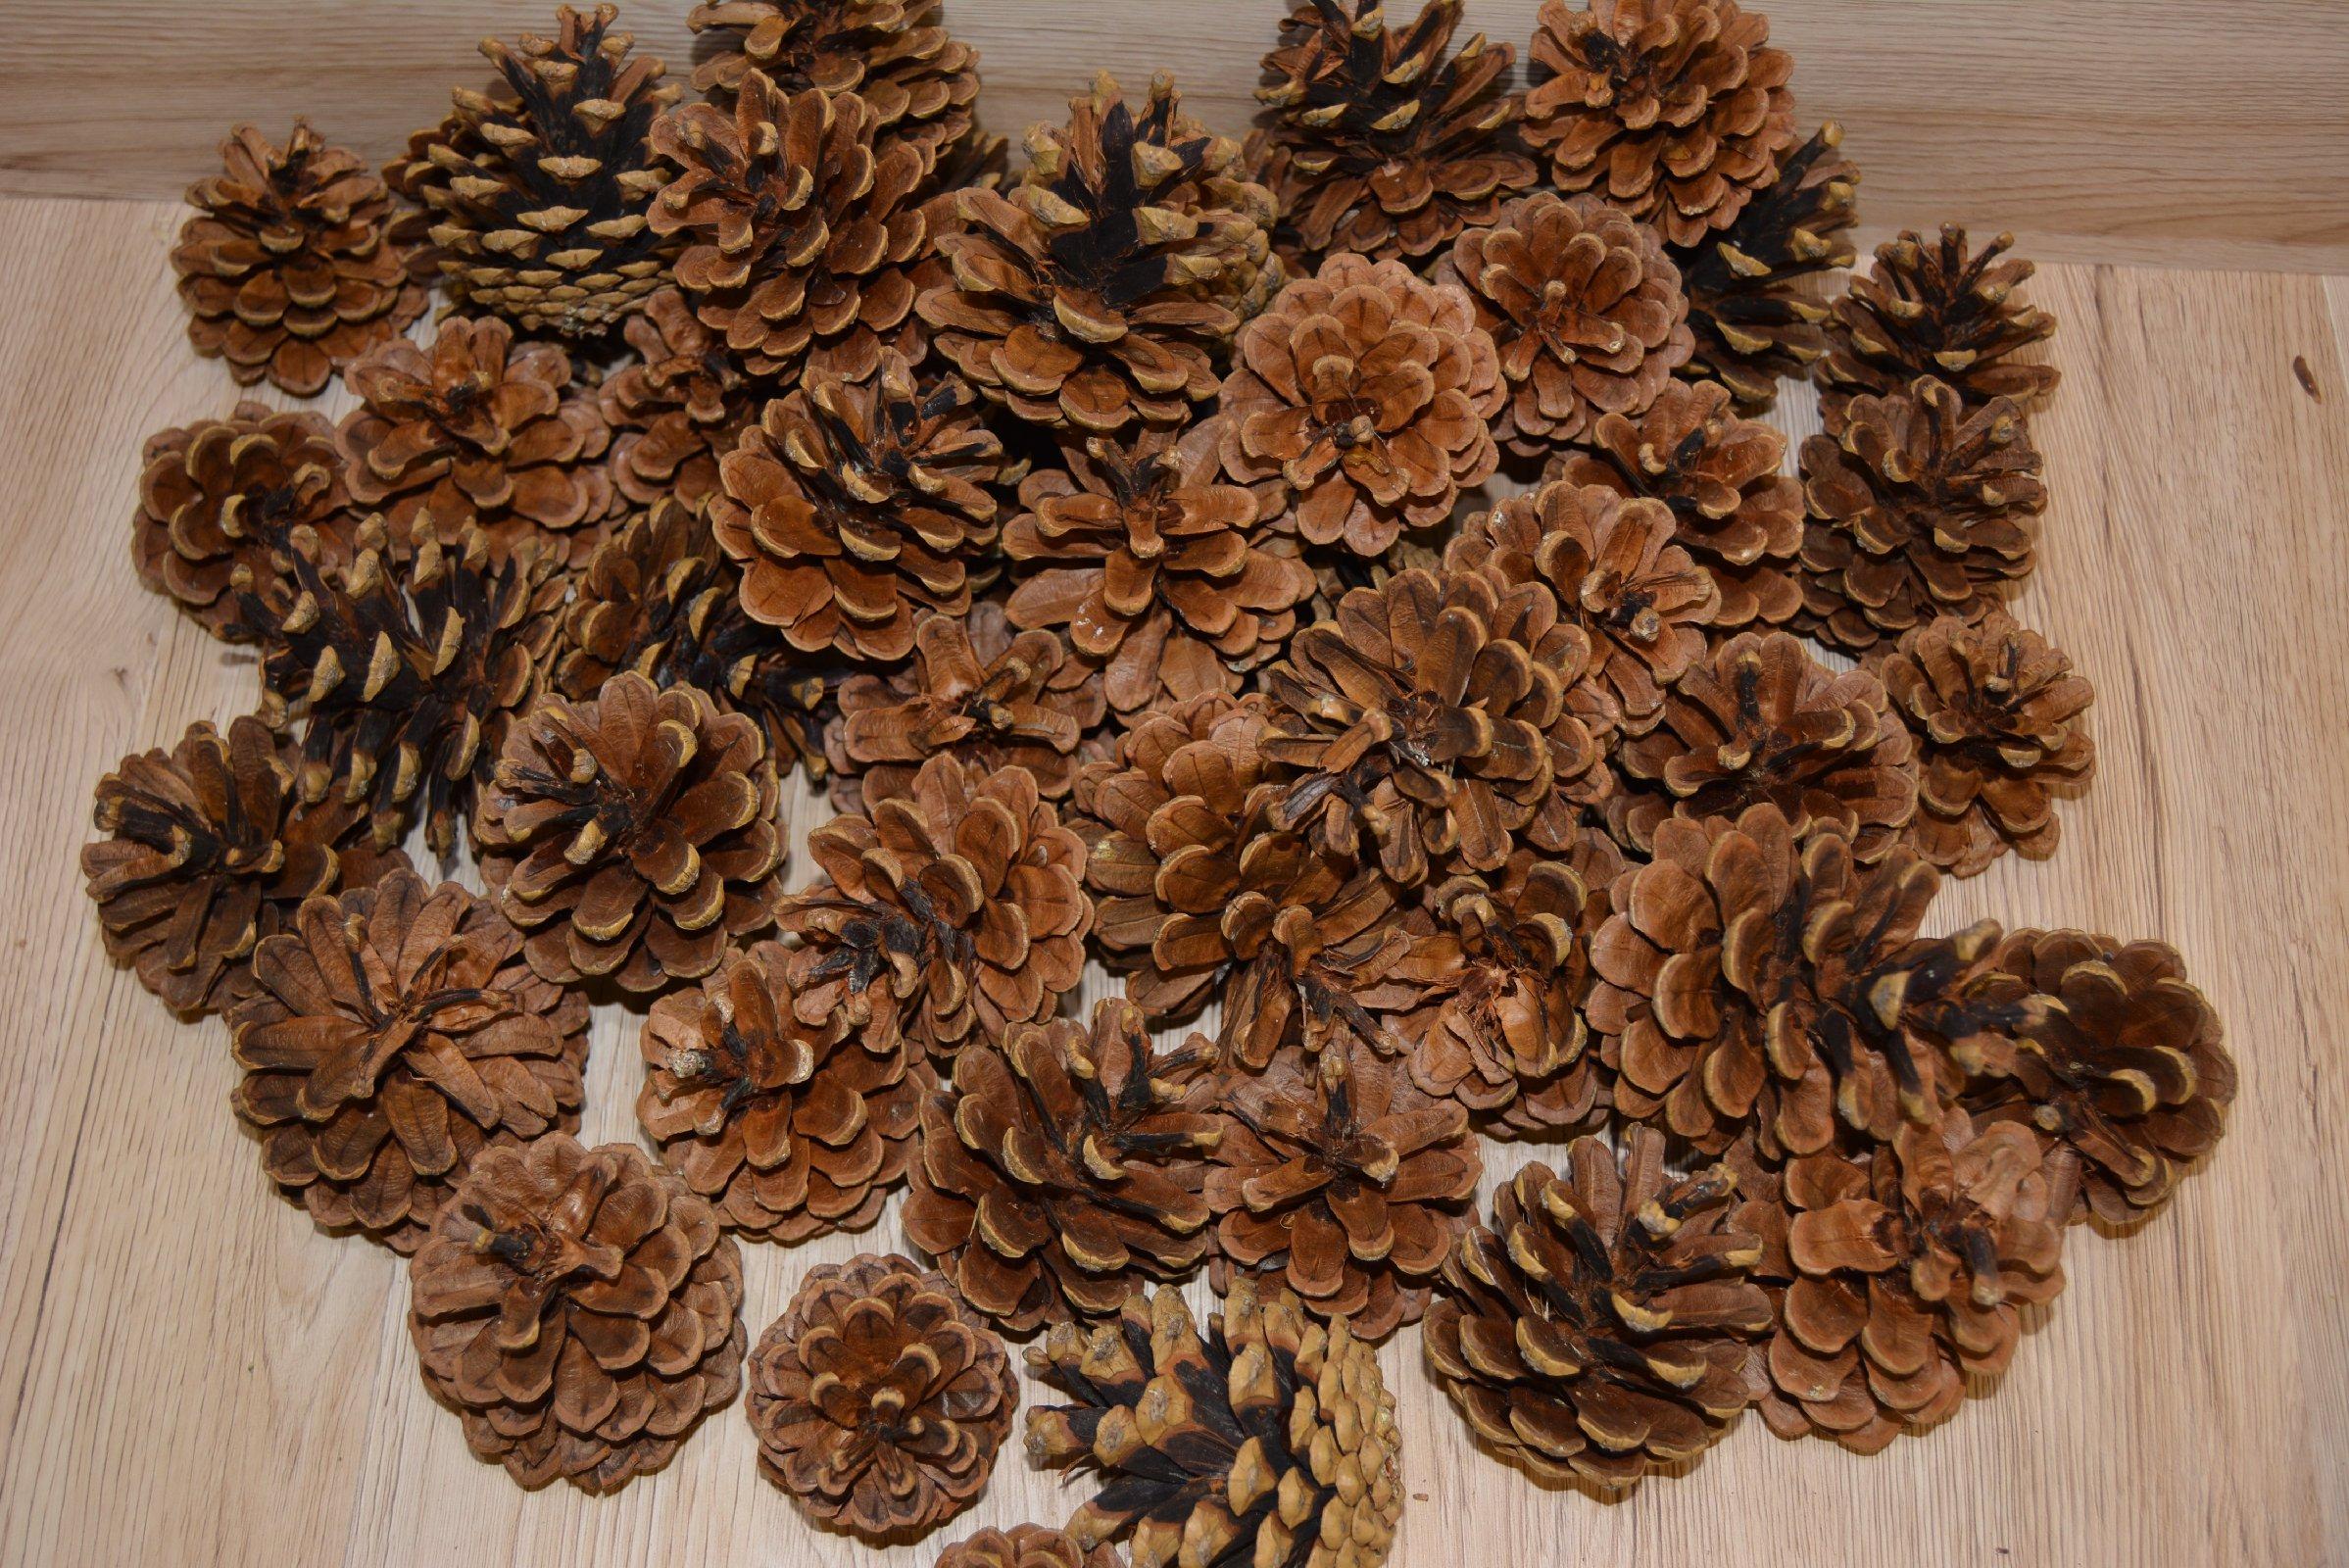 Tannenzapfen Kiefernzapfen Natur Grosse Zapfen 5 10cm Fur Weihnachten Deko Usw Ebay